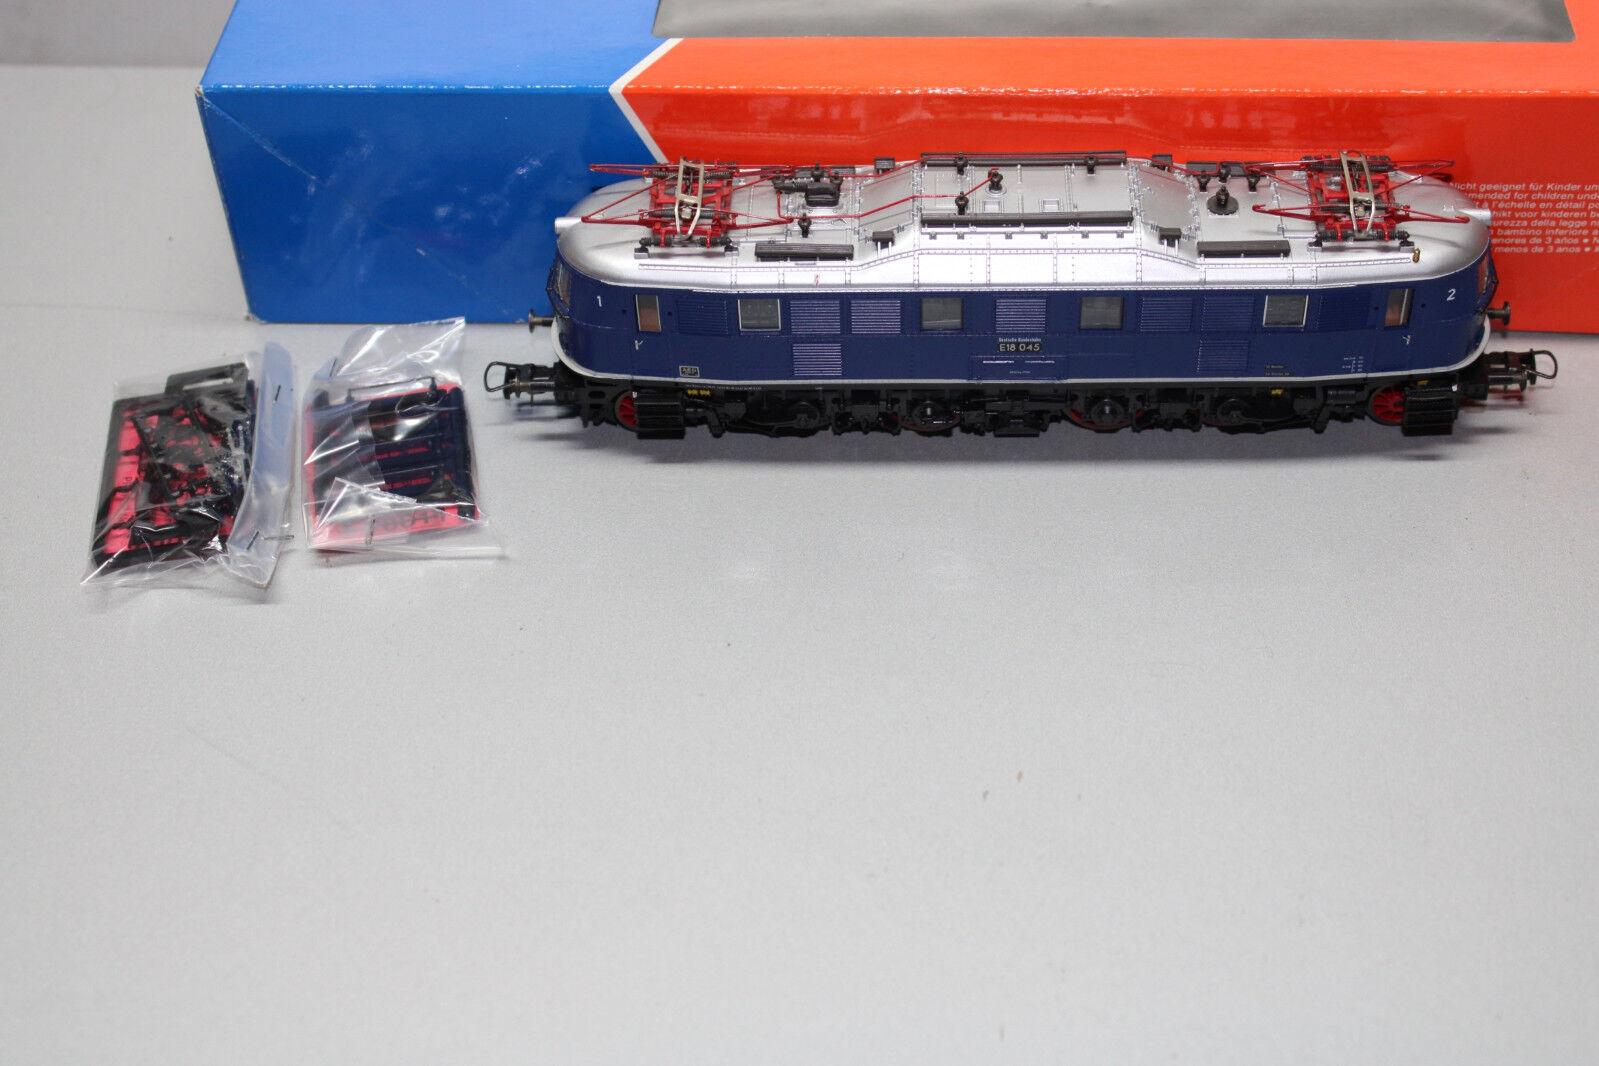 Roco 43659 Elok Baureihe E18 045 DB blå Spur H0 OVP